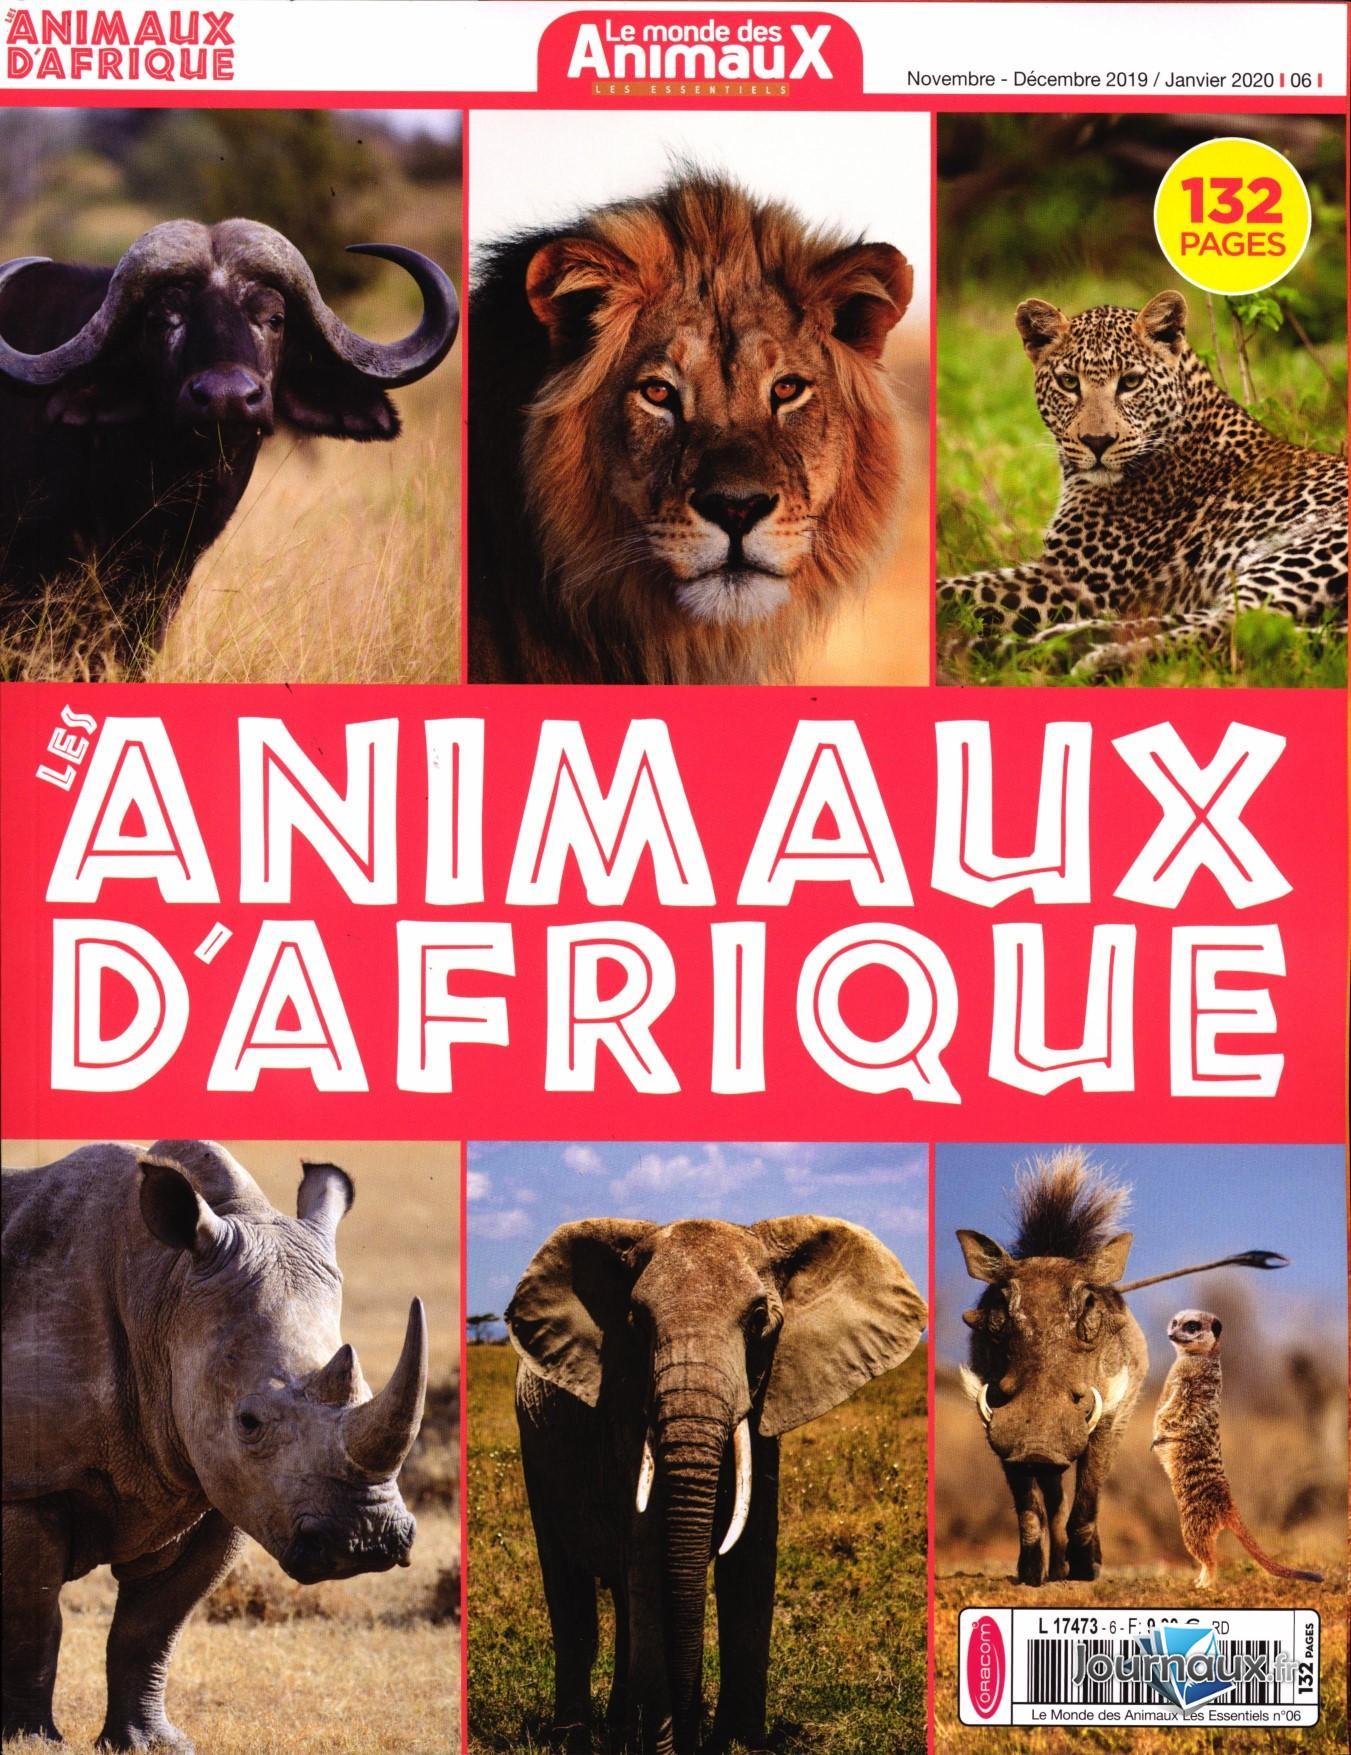 Le Monde Des Animaux Les Essentiels N° 6 Novembre 2019